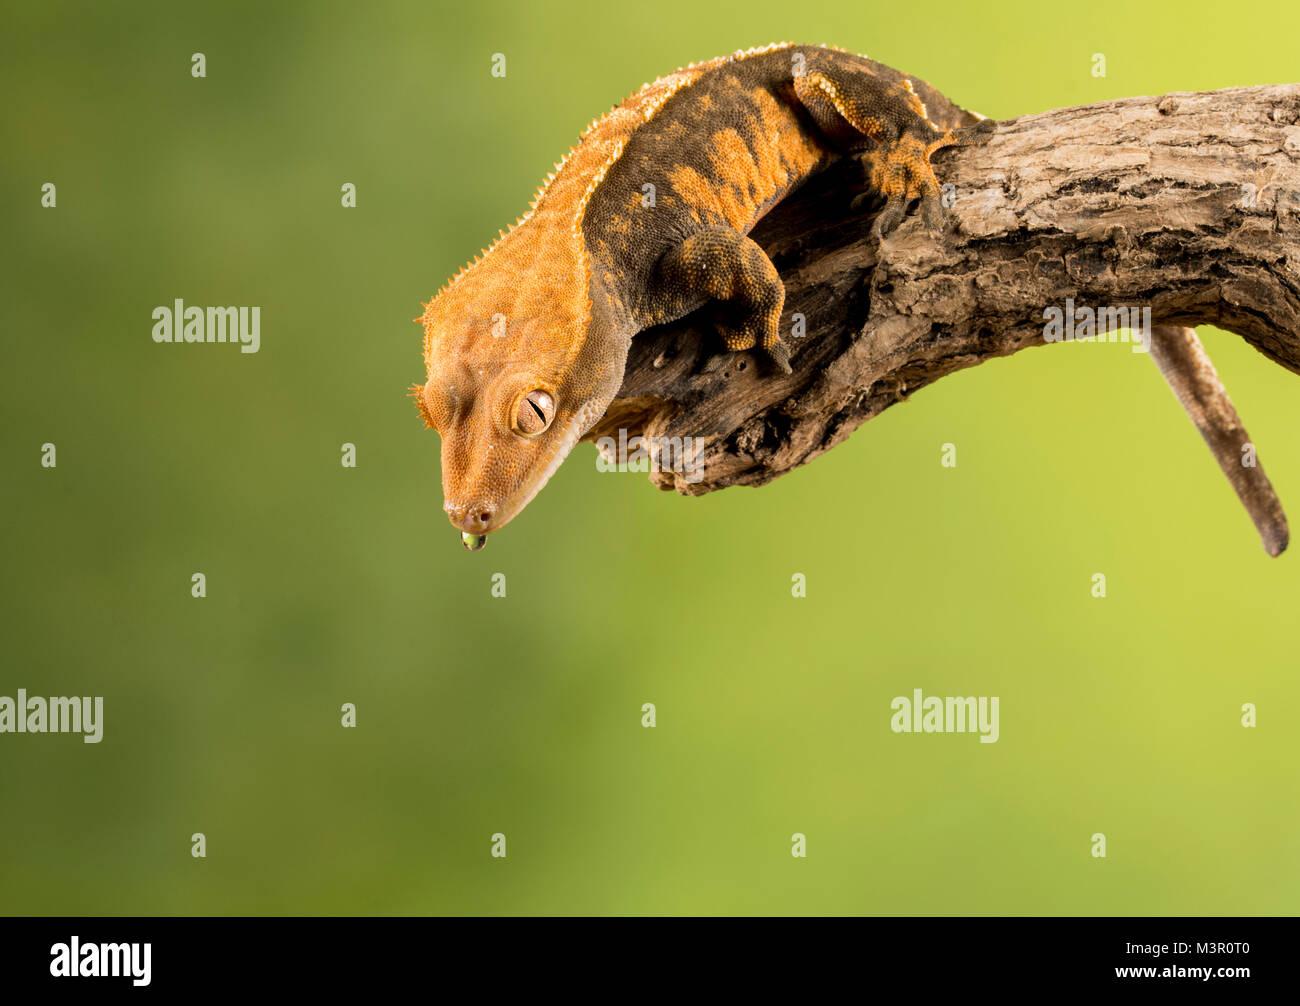 Studio Hintergrund Gecko auf einem Zweig Stockbild